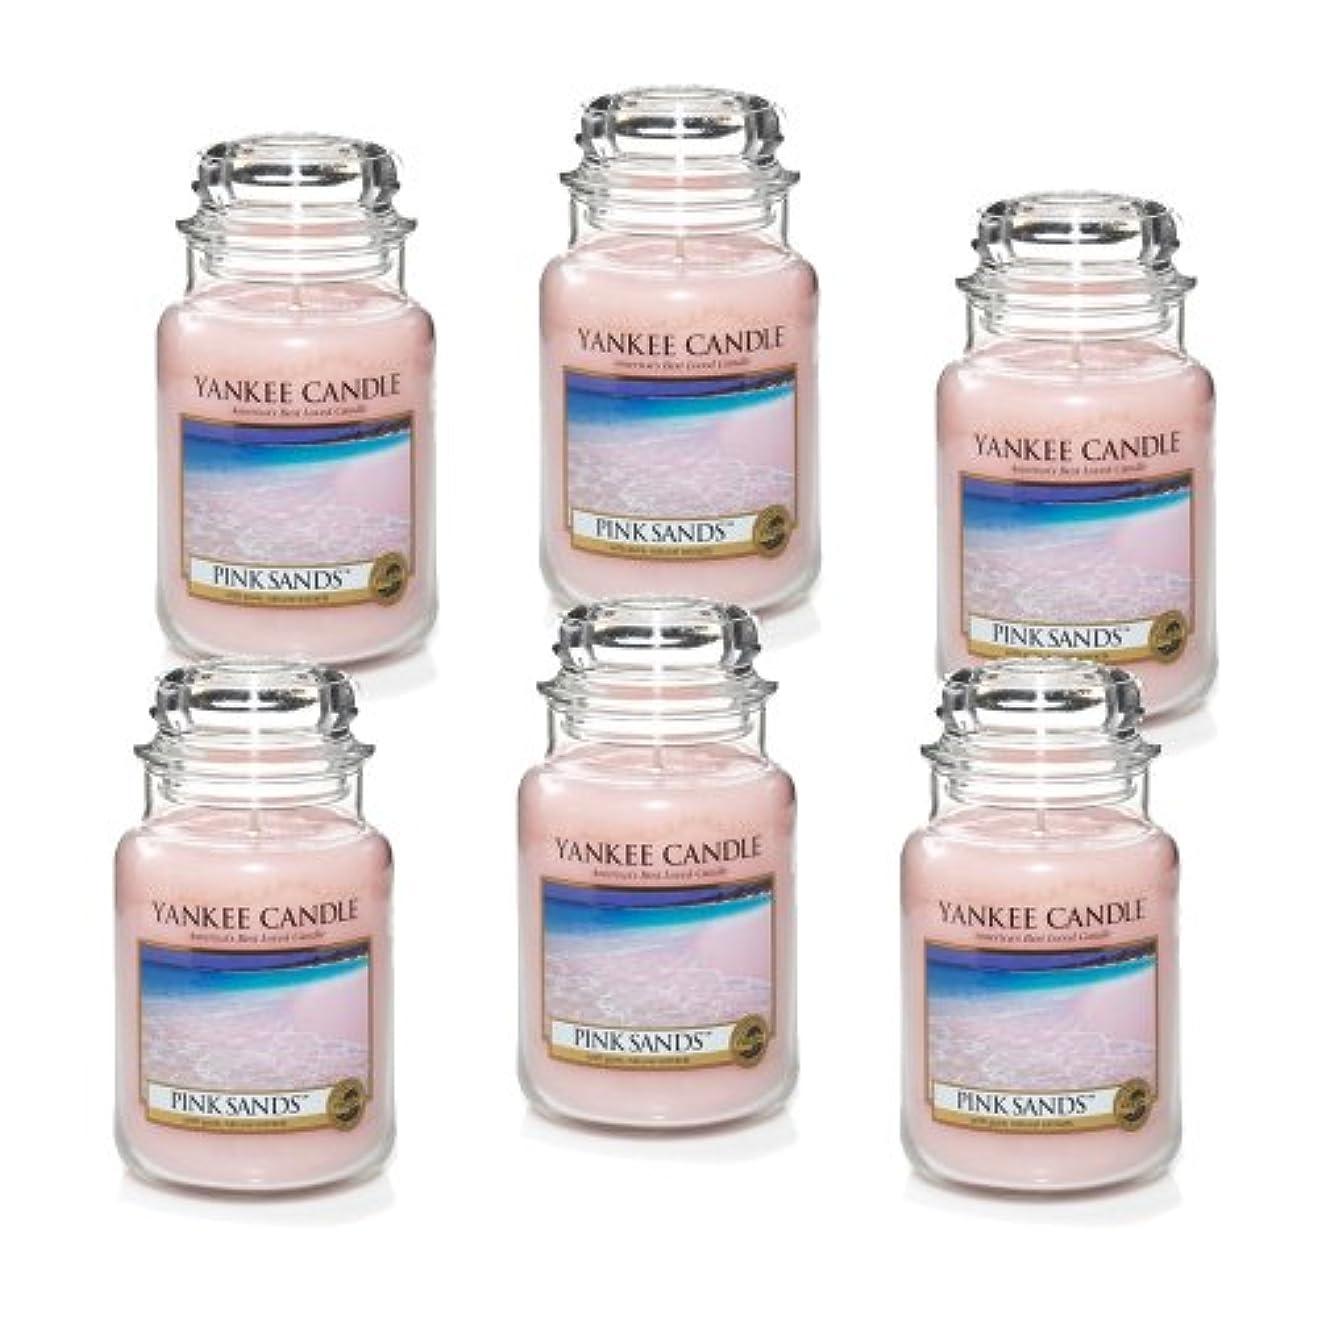 不完全なめんどりつまずくYankee Candle ピンクサンズ 大瓶 22オンス キャンドル Set of 6 ピンク 1205337X6